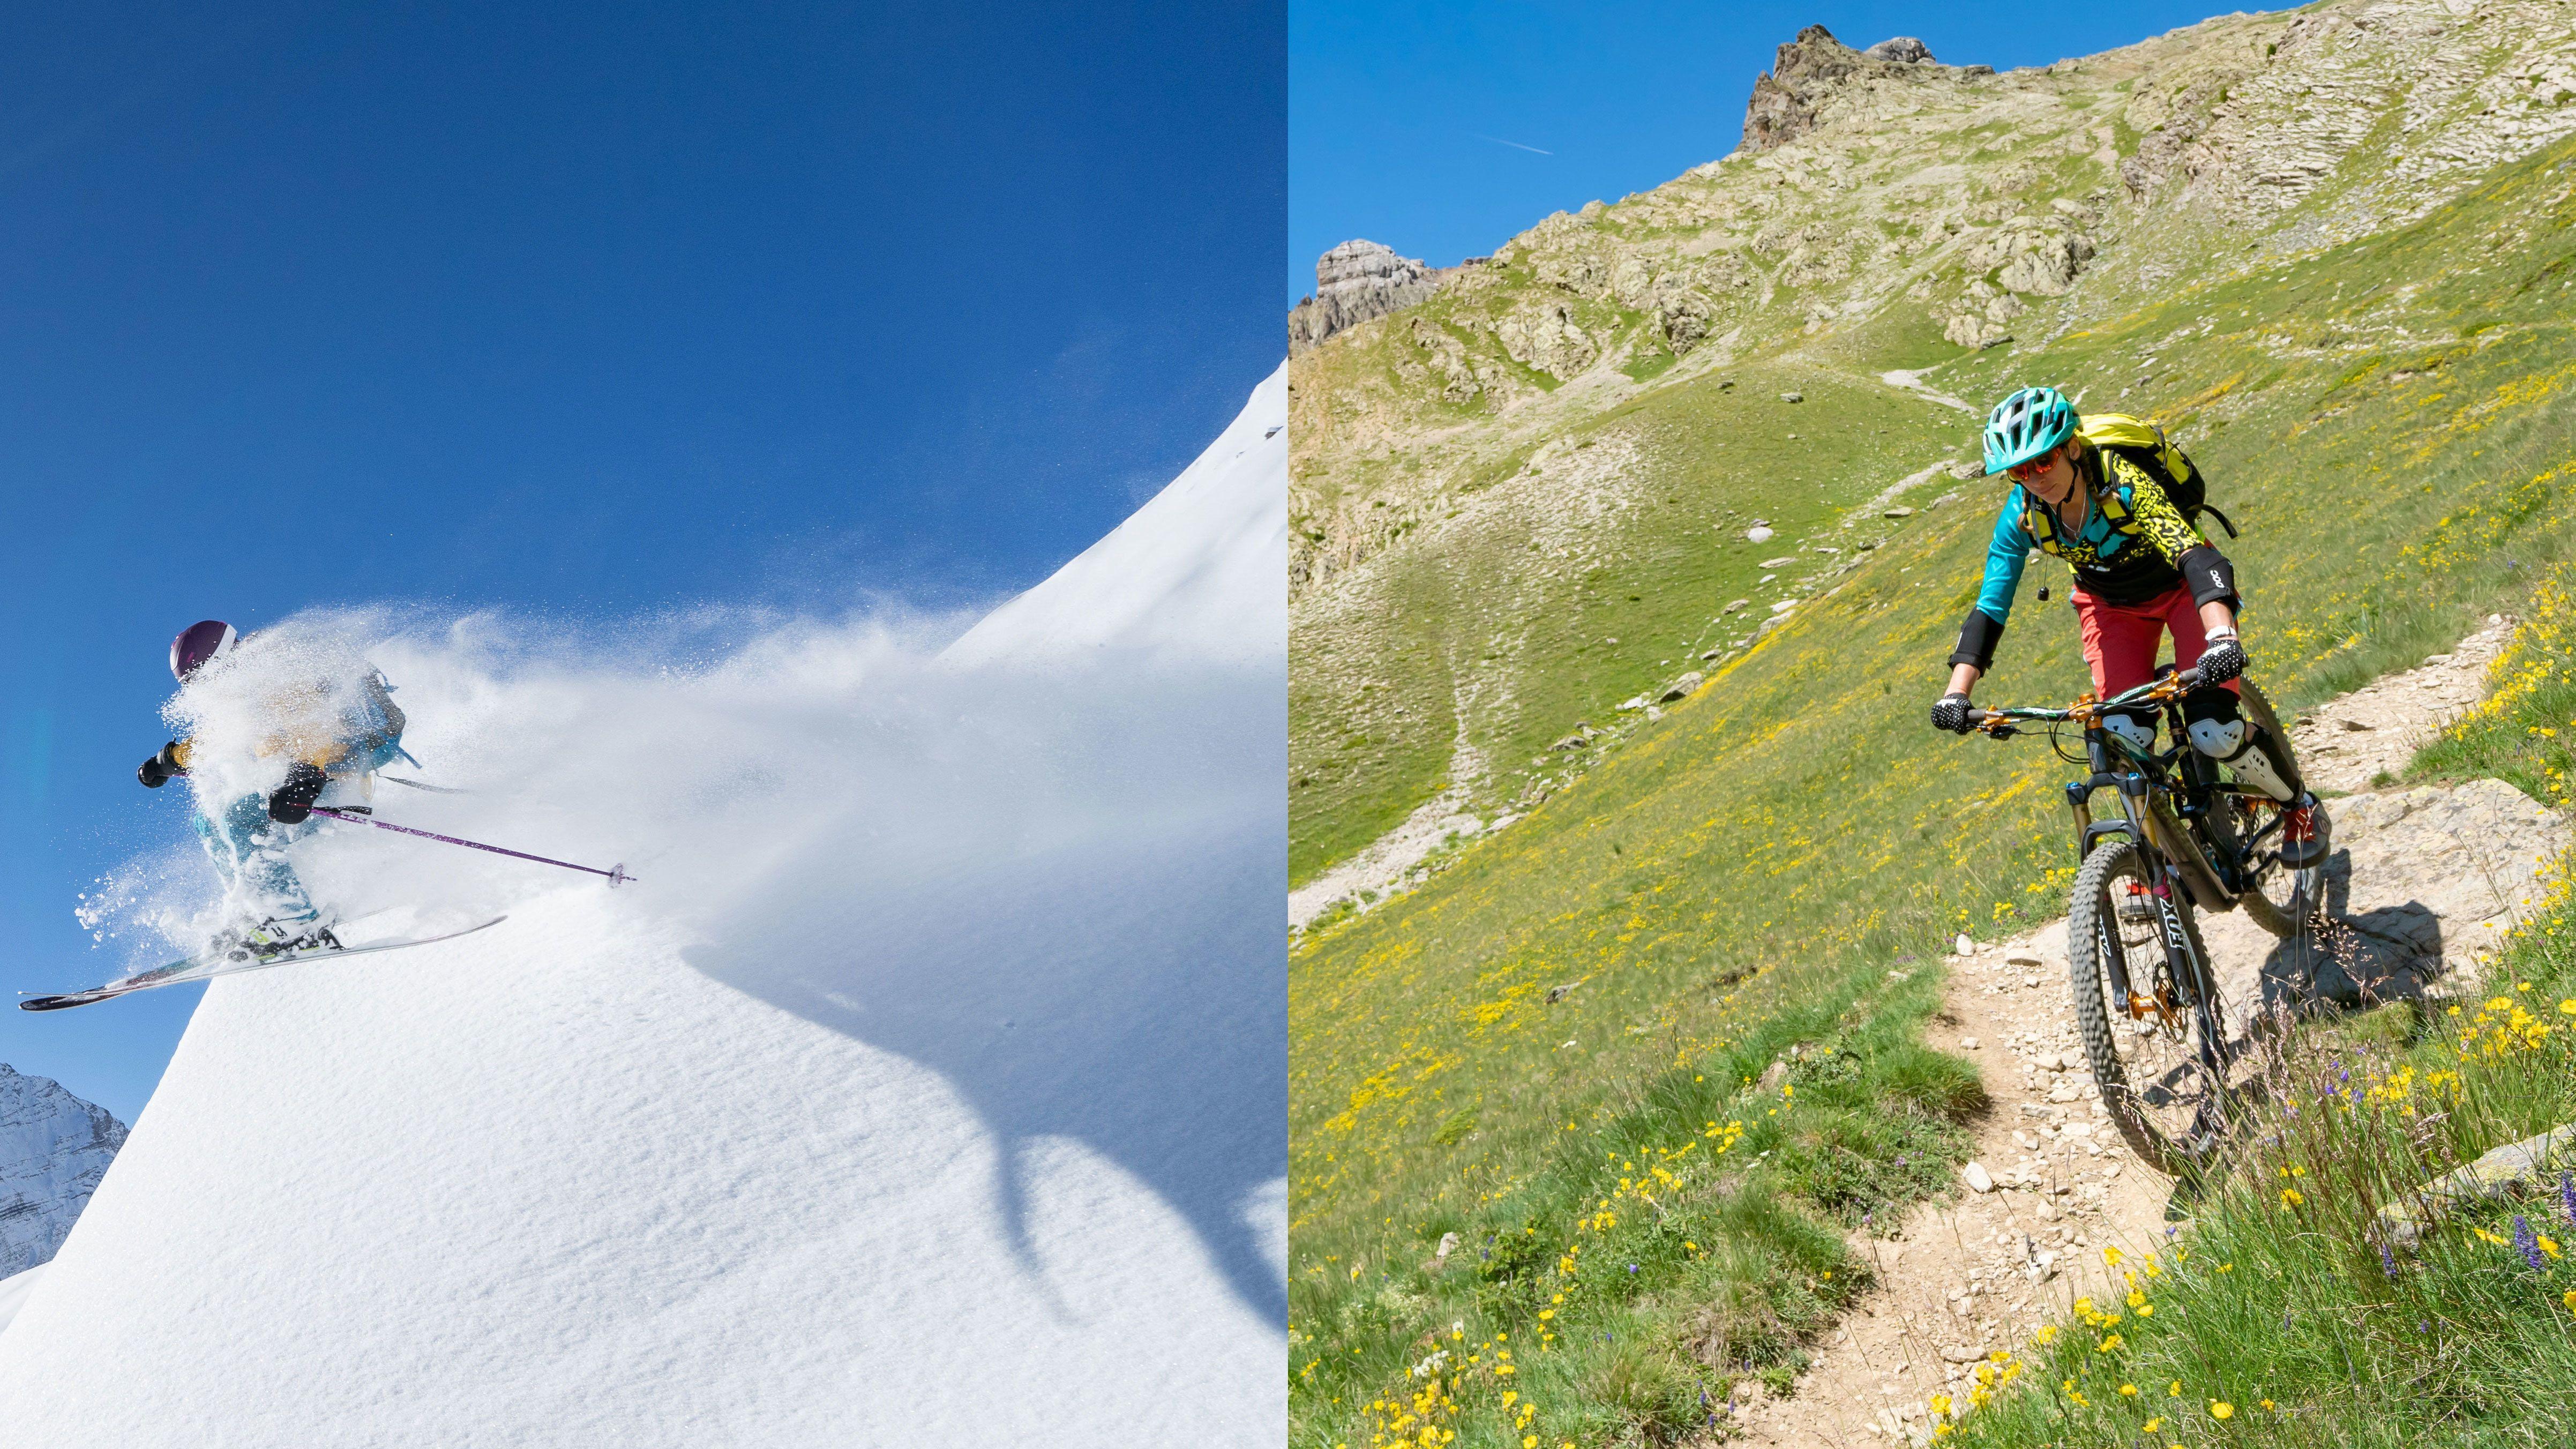 Zomer versus winter op dezelfde berg